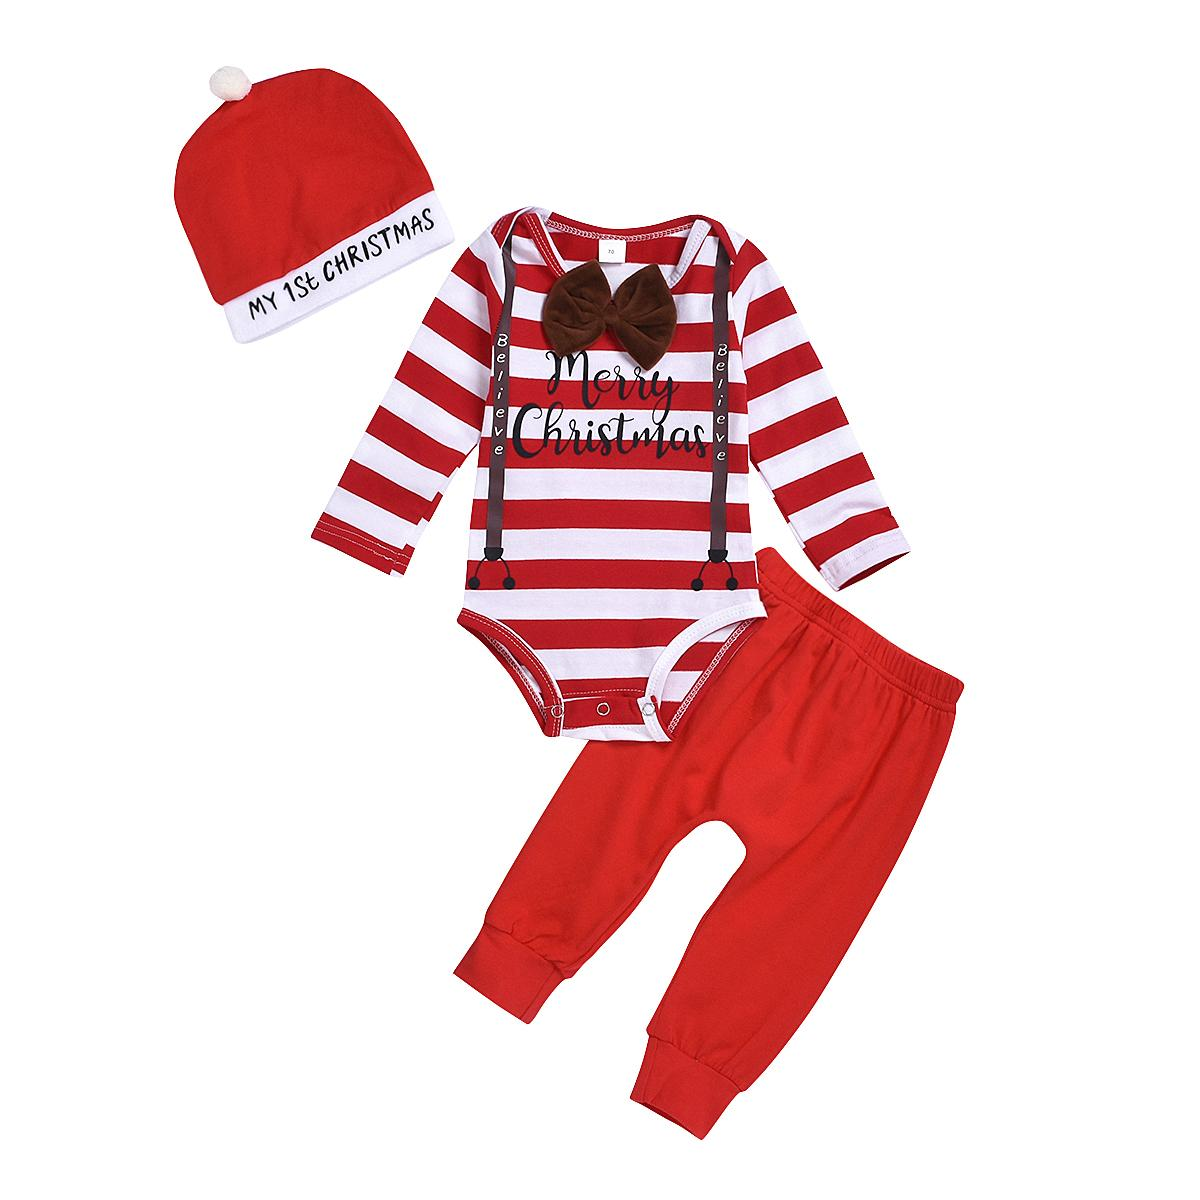 3PCS Set ragazzo neonato manica lunga Papillon a righe tuta di Tops mutanda lunga Cappello Outfits Natale che coprono insieme